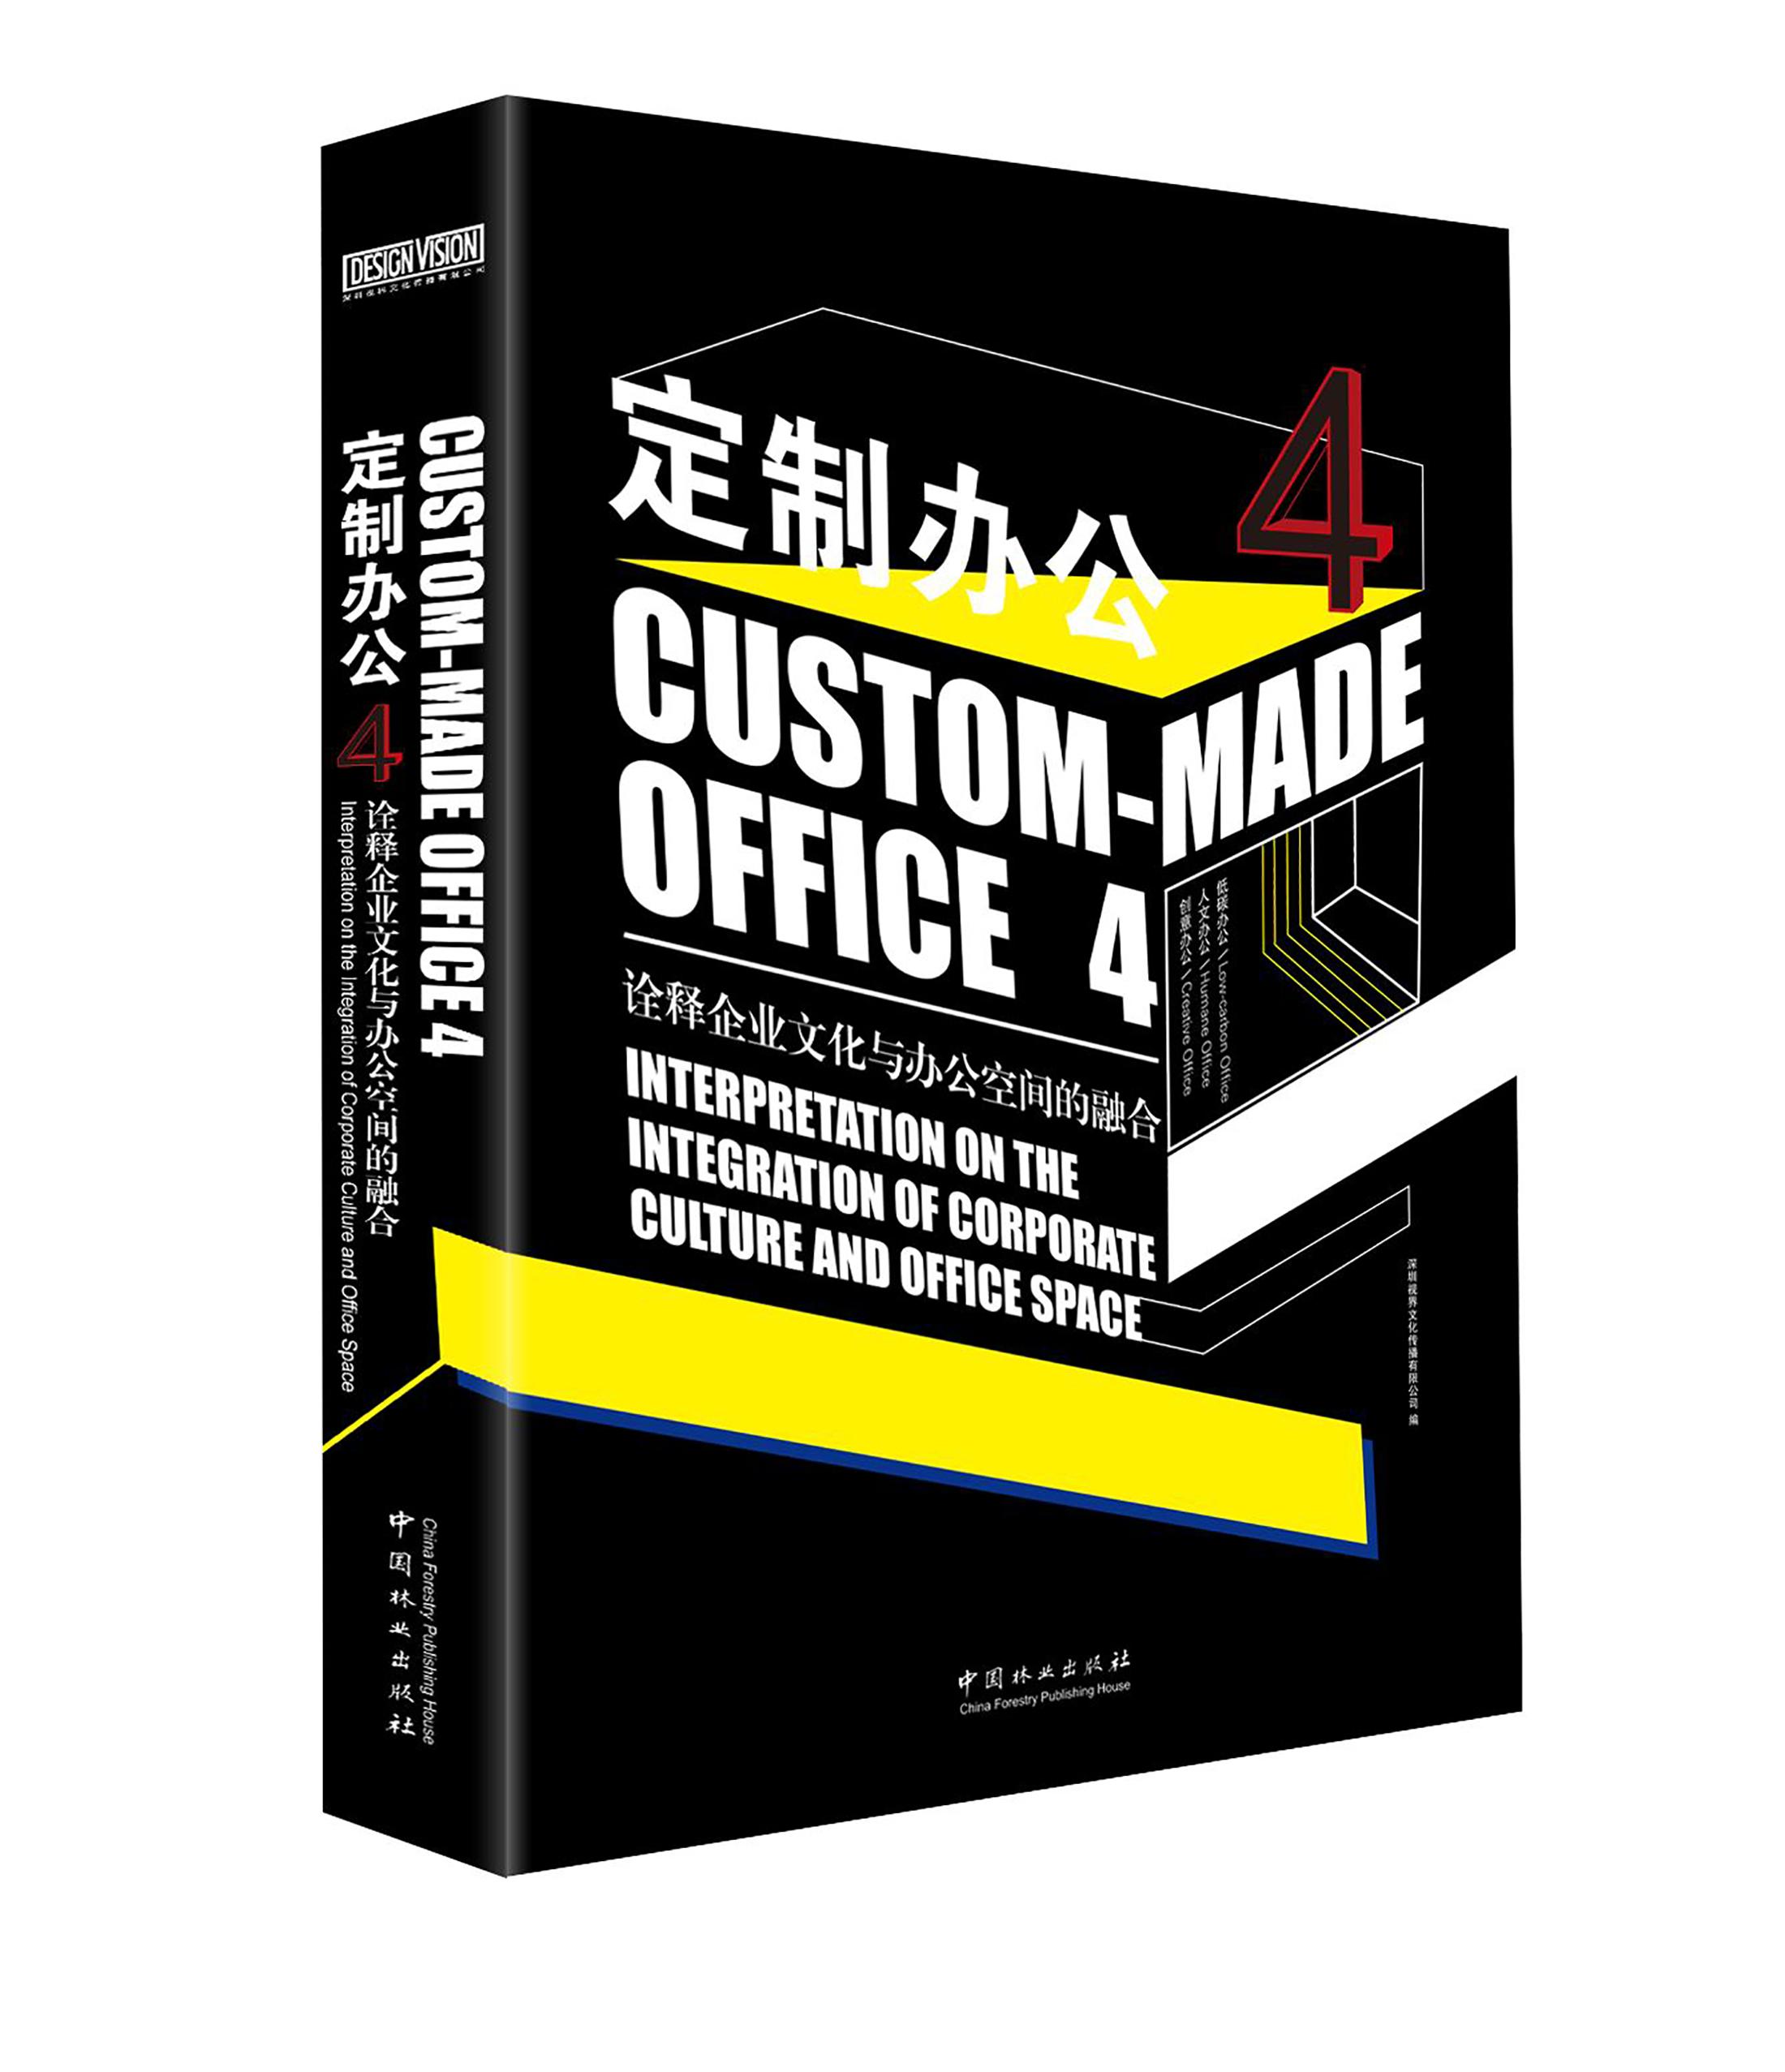 Custom-made_bok.jpg